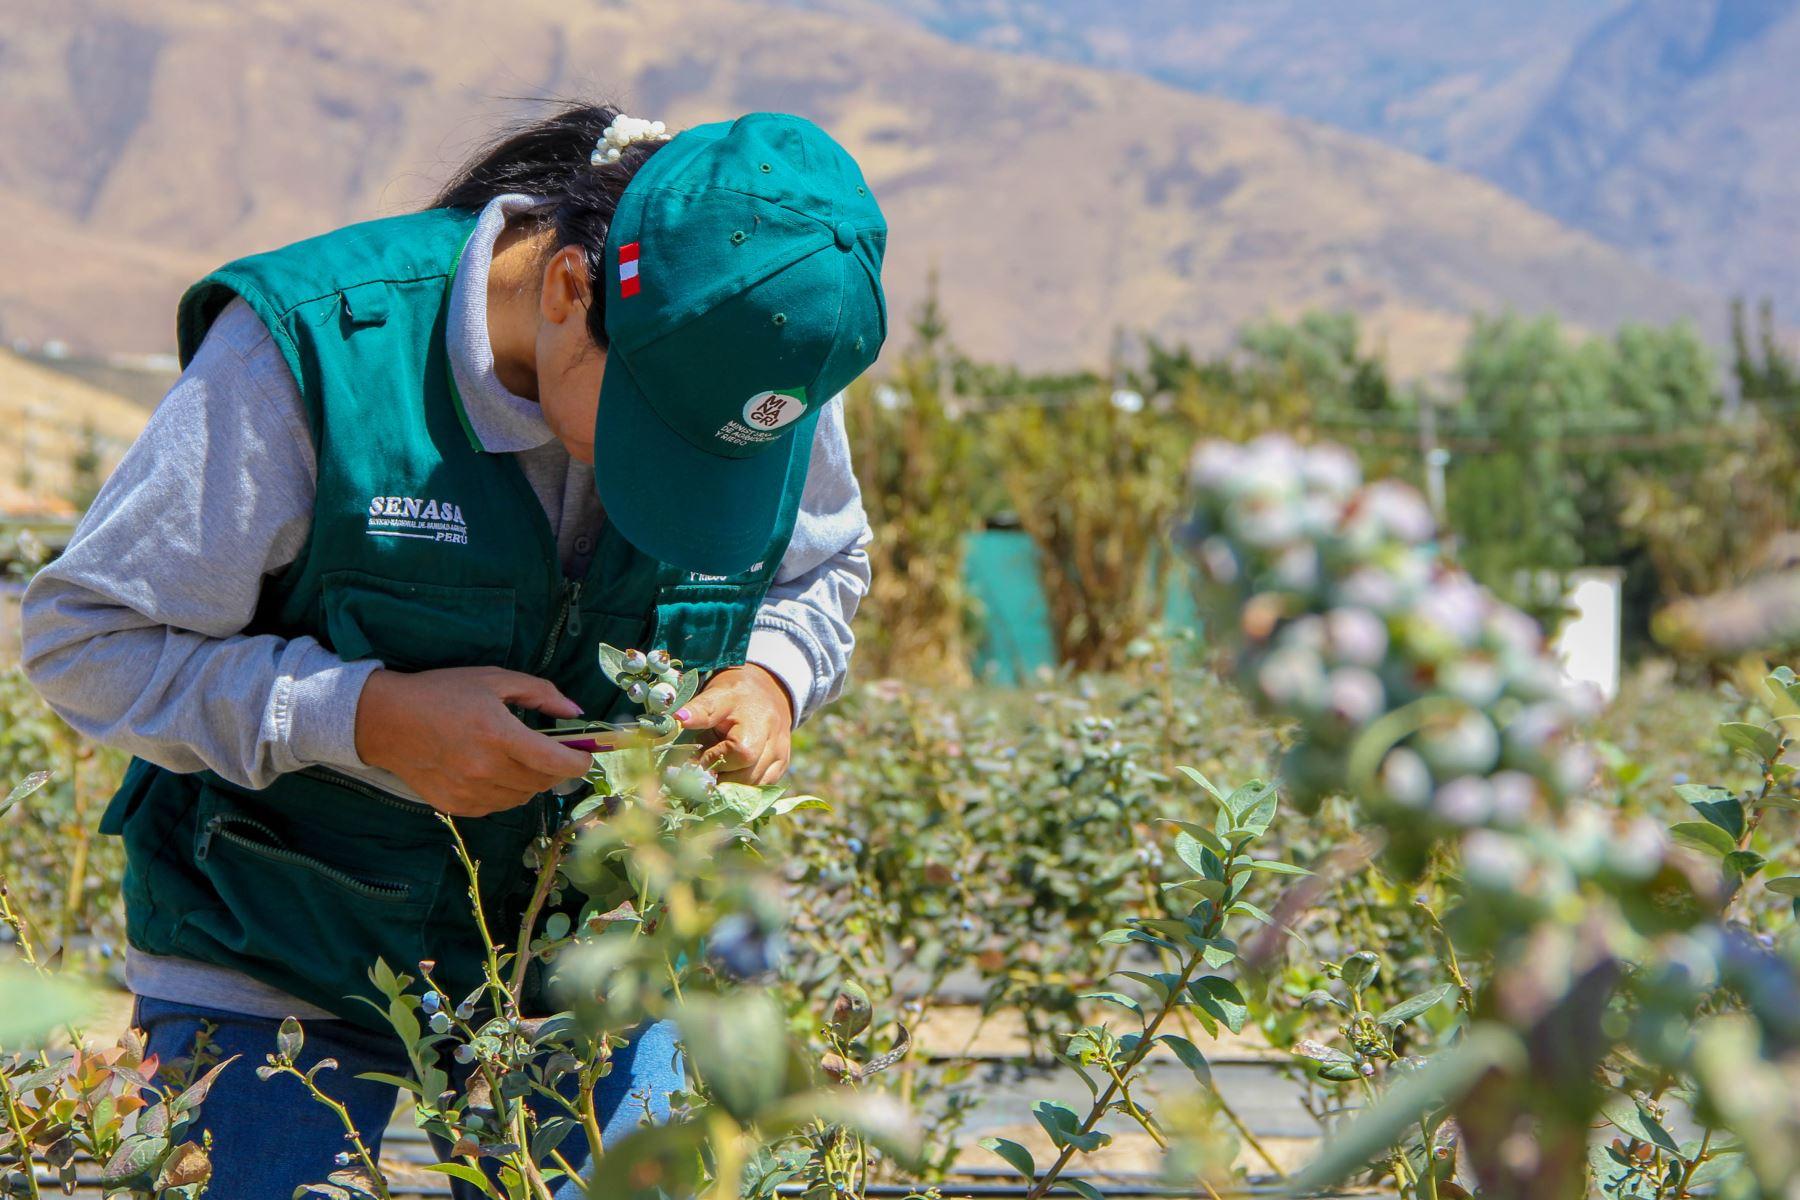 Inspectores del Senasa inspeccionan cultivos de arándanos. Foto: Minagri.